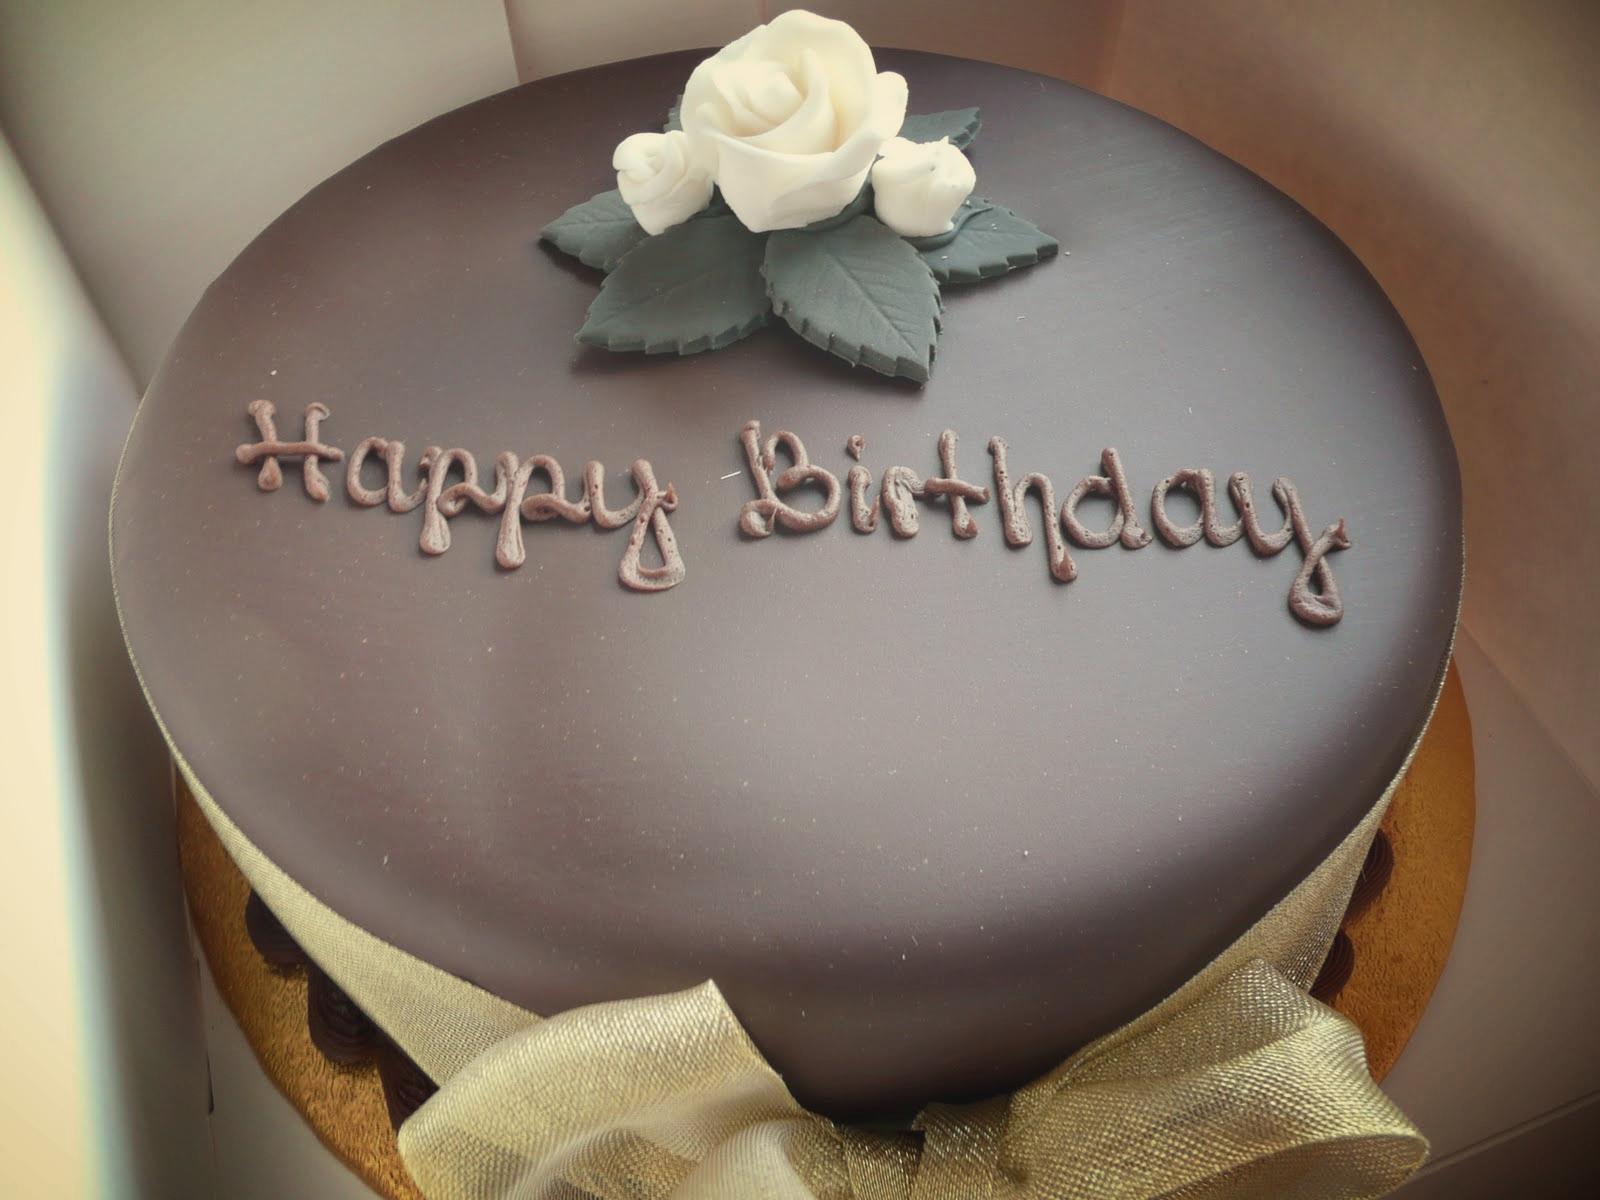 Birthday Cakes Macarthur ~ Happy birthday u kathleen kiddo